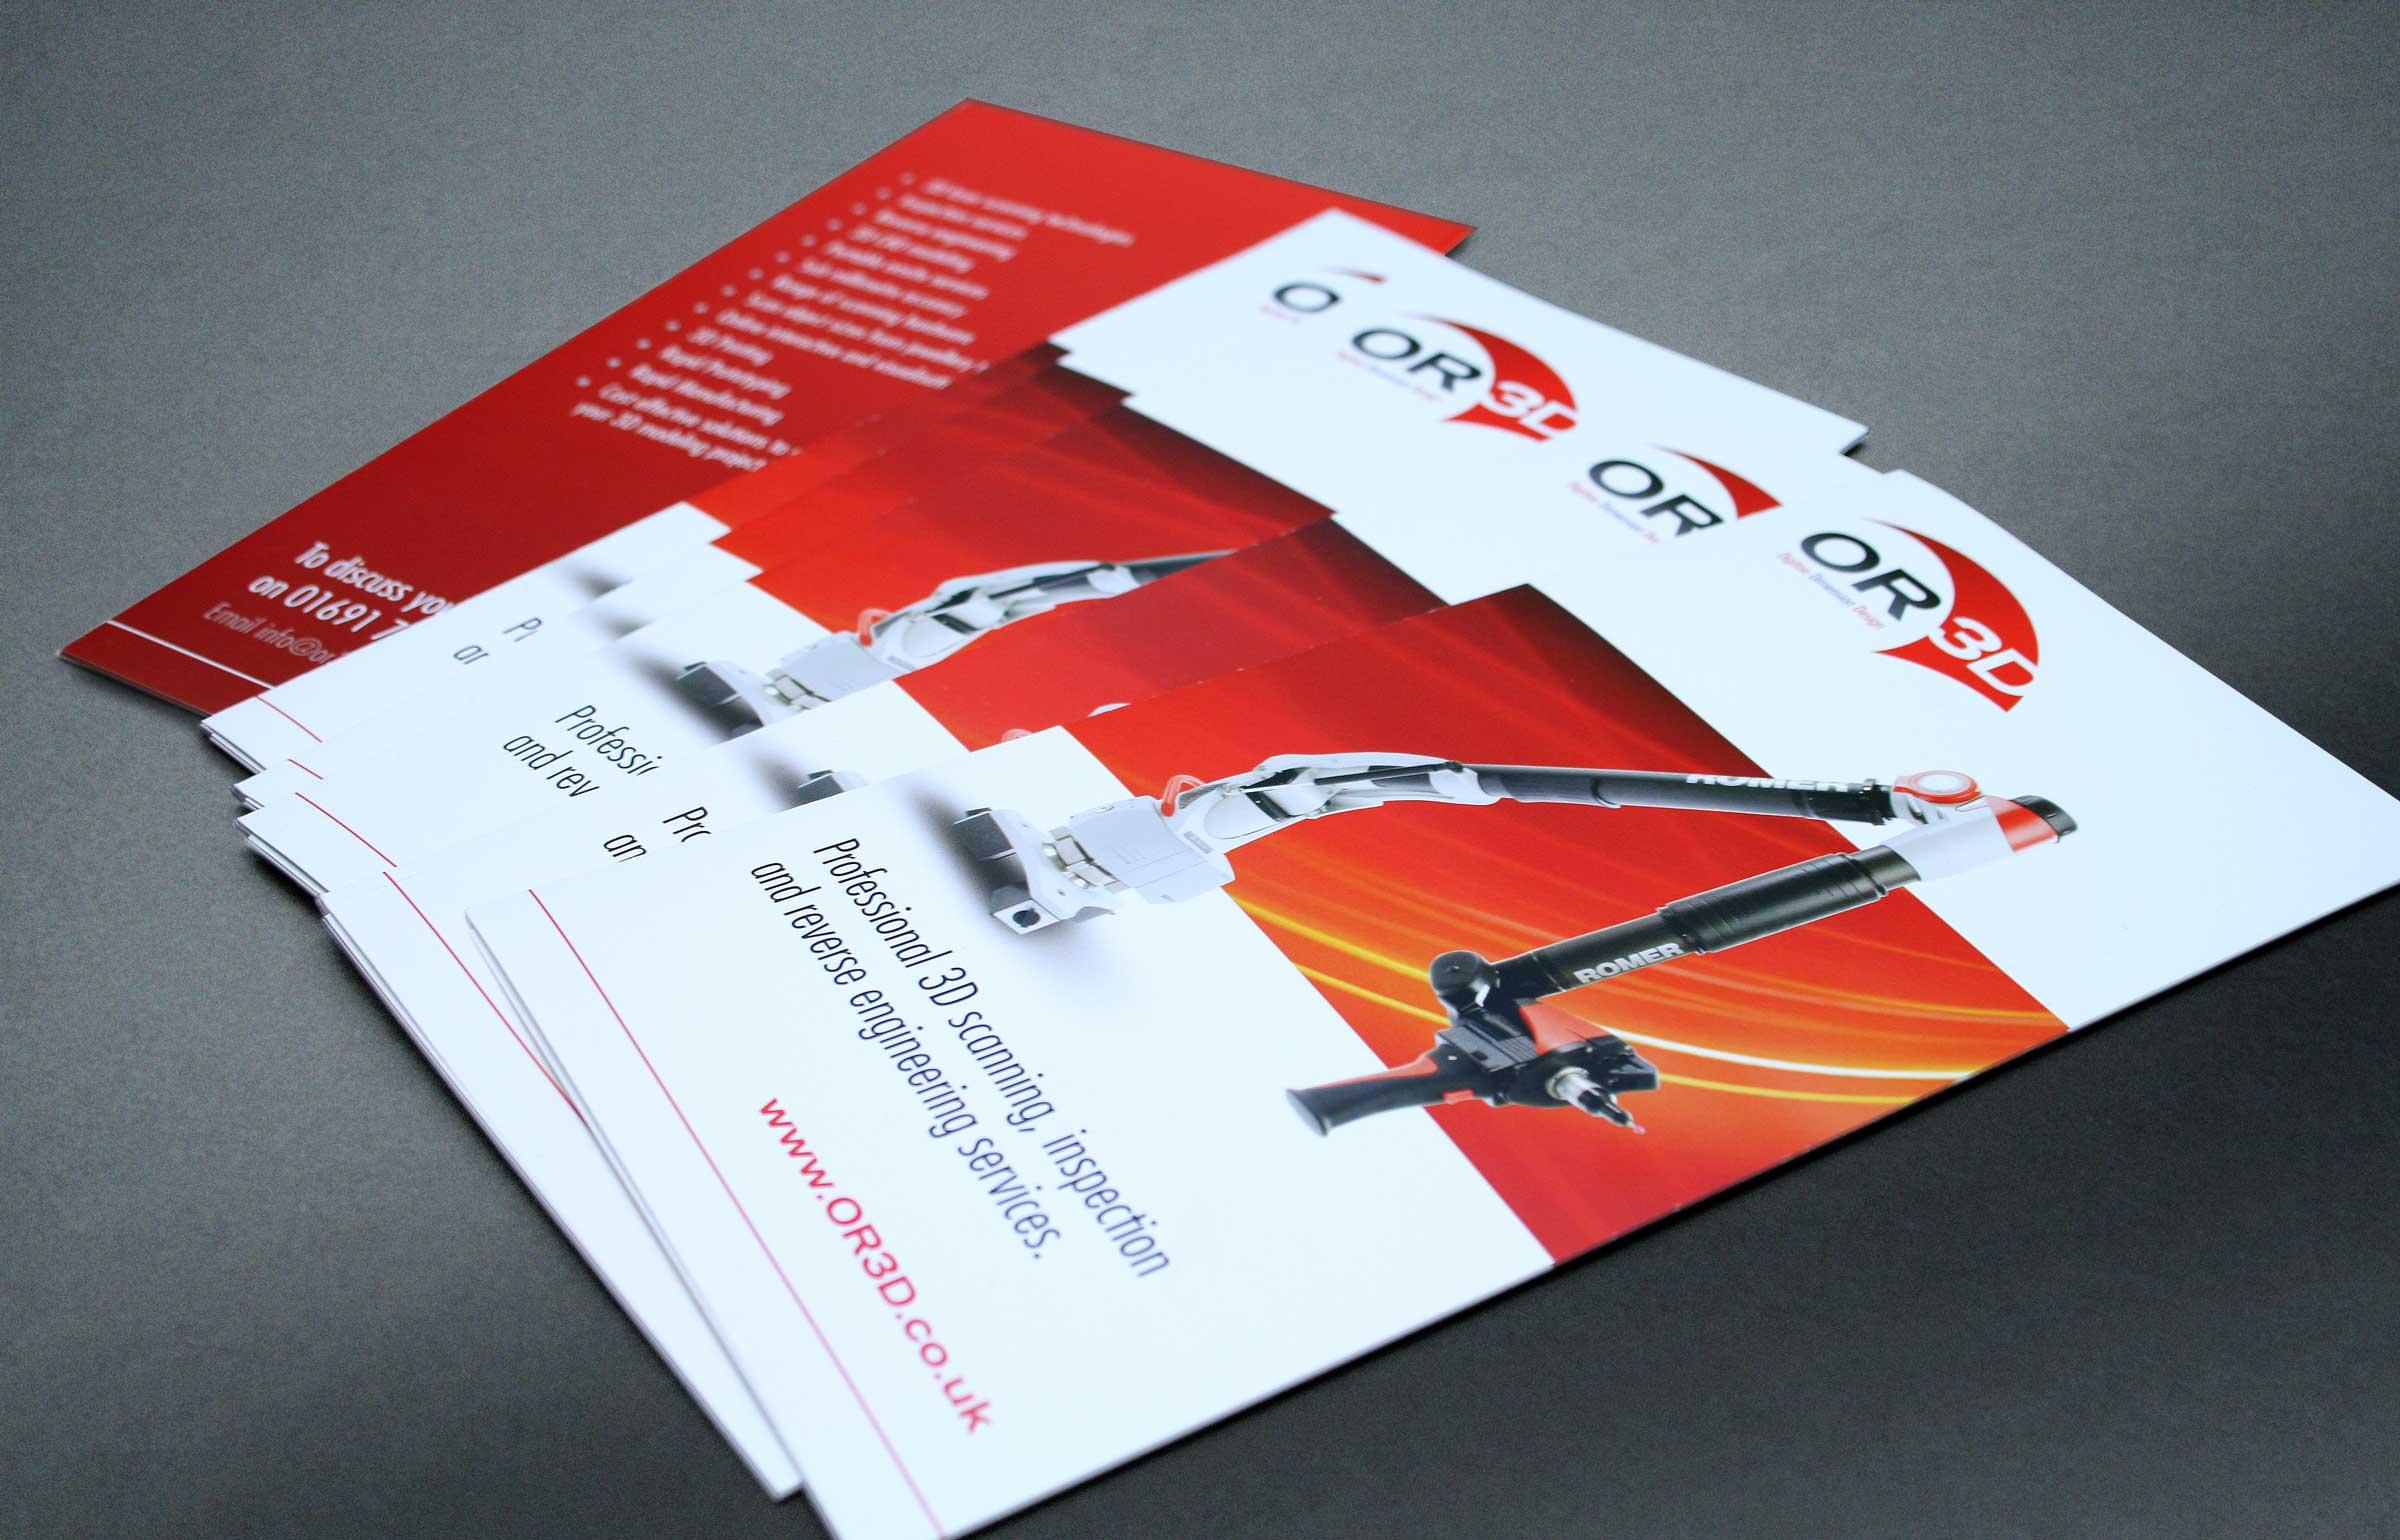 OR3D Branding